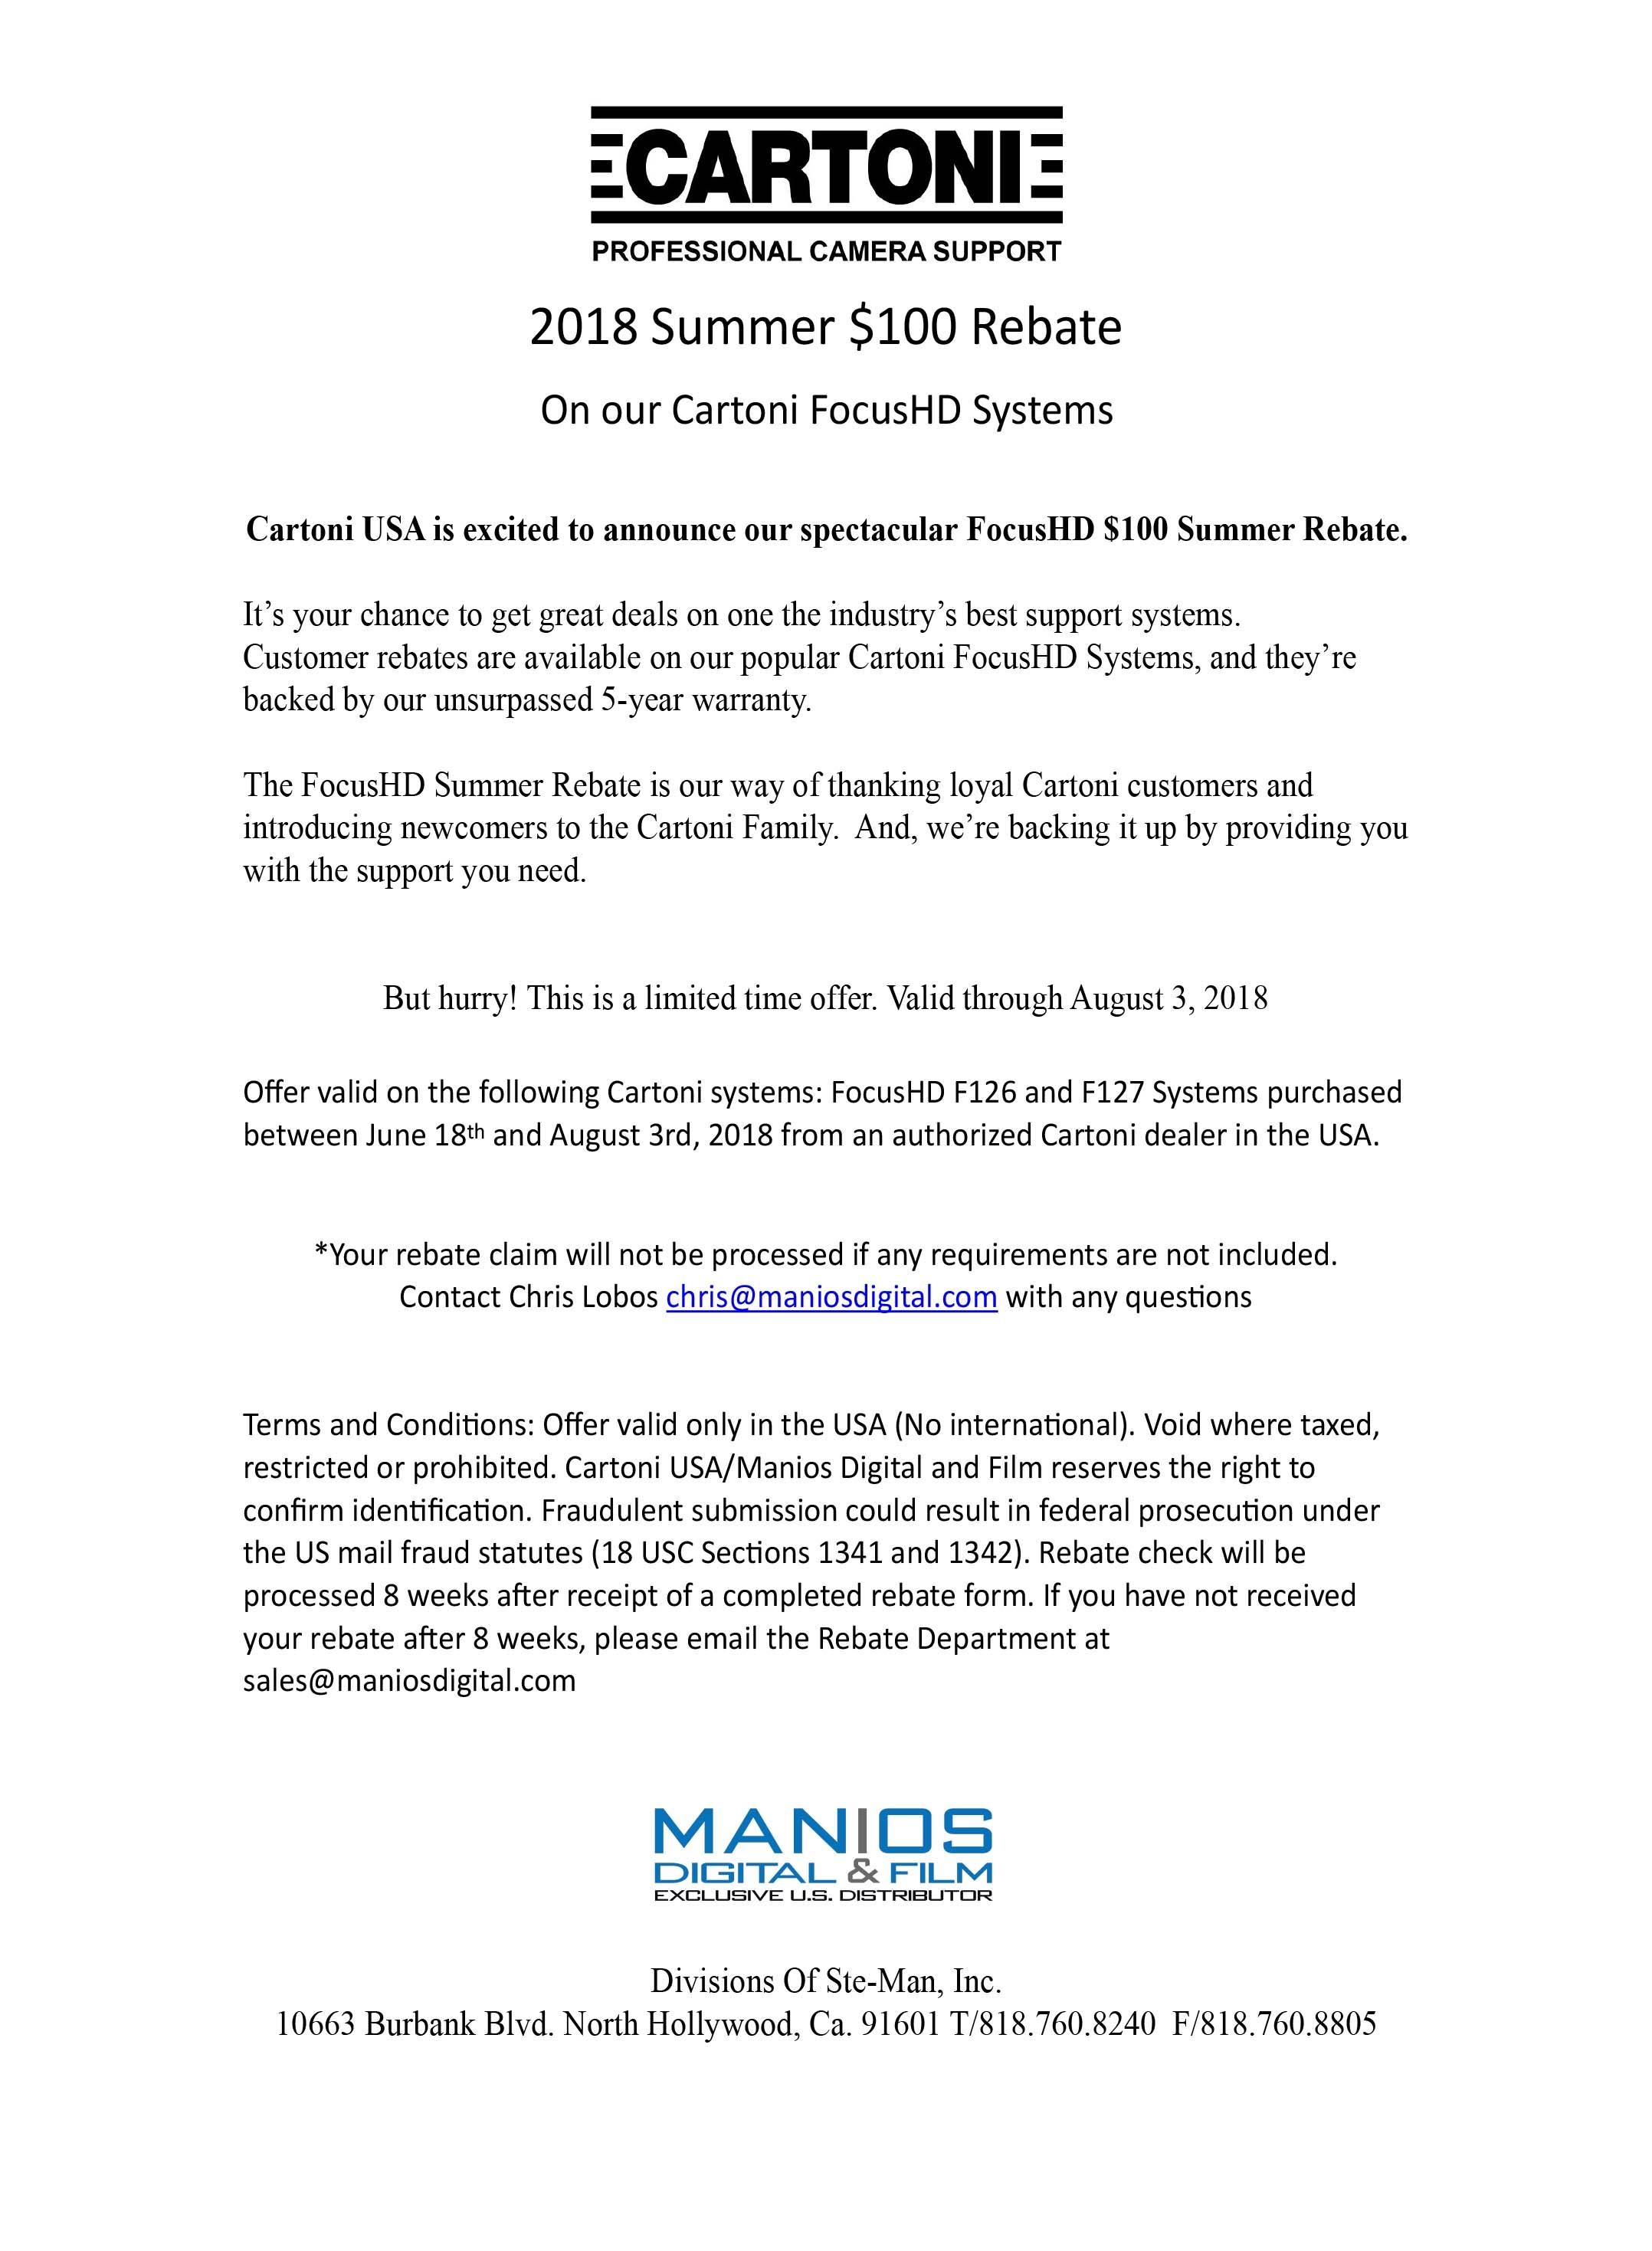 summer rebate rules